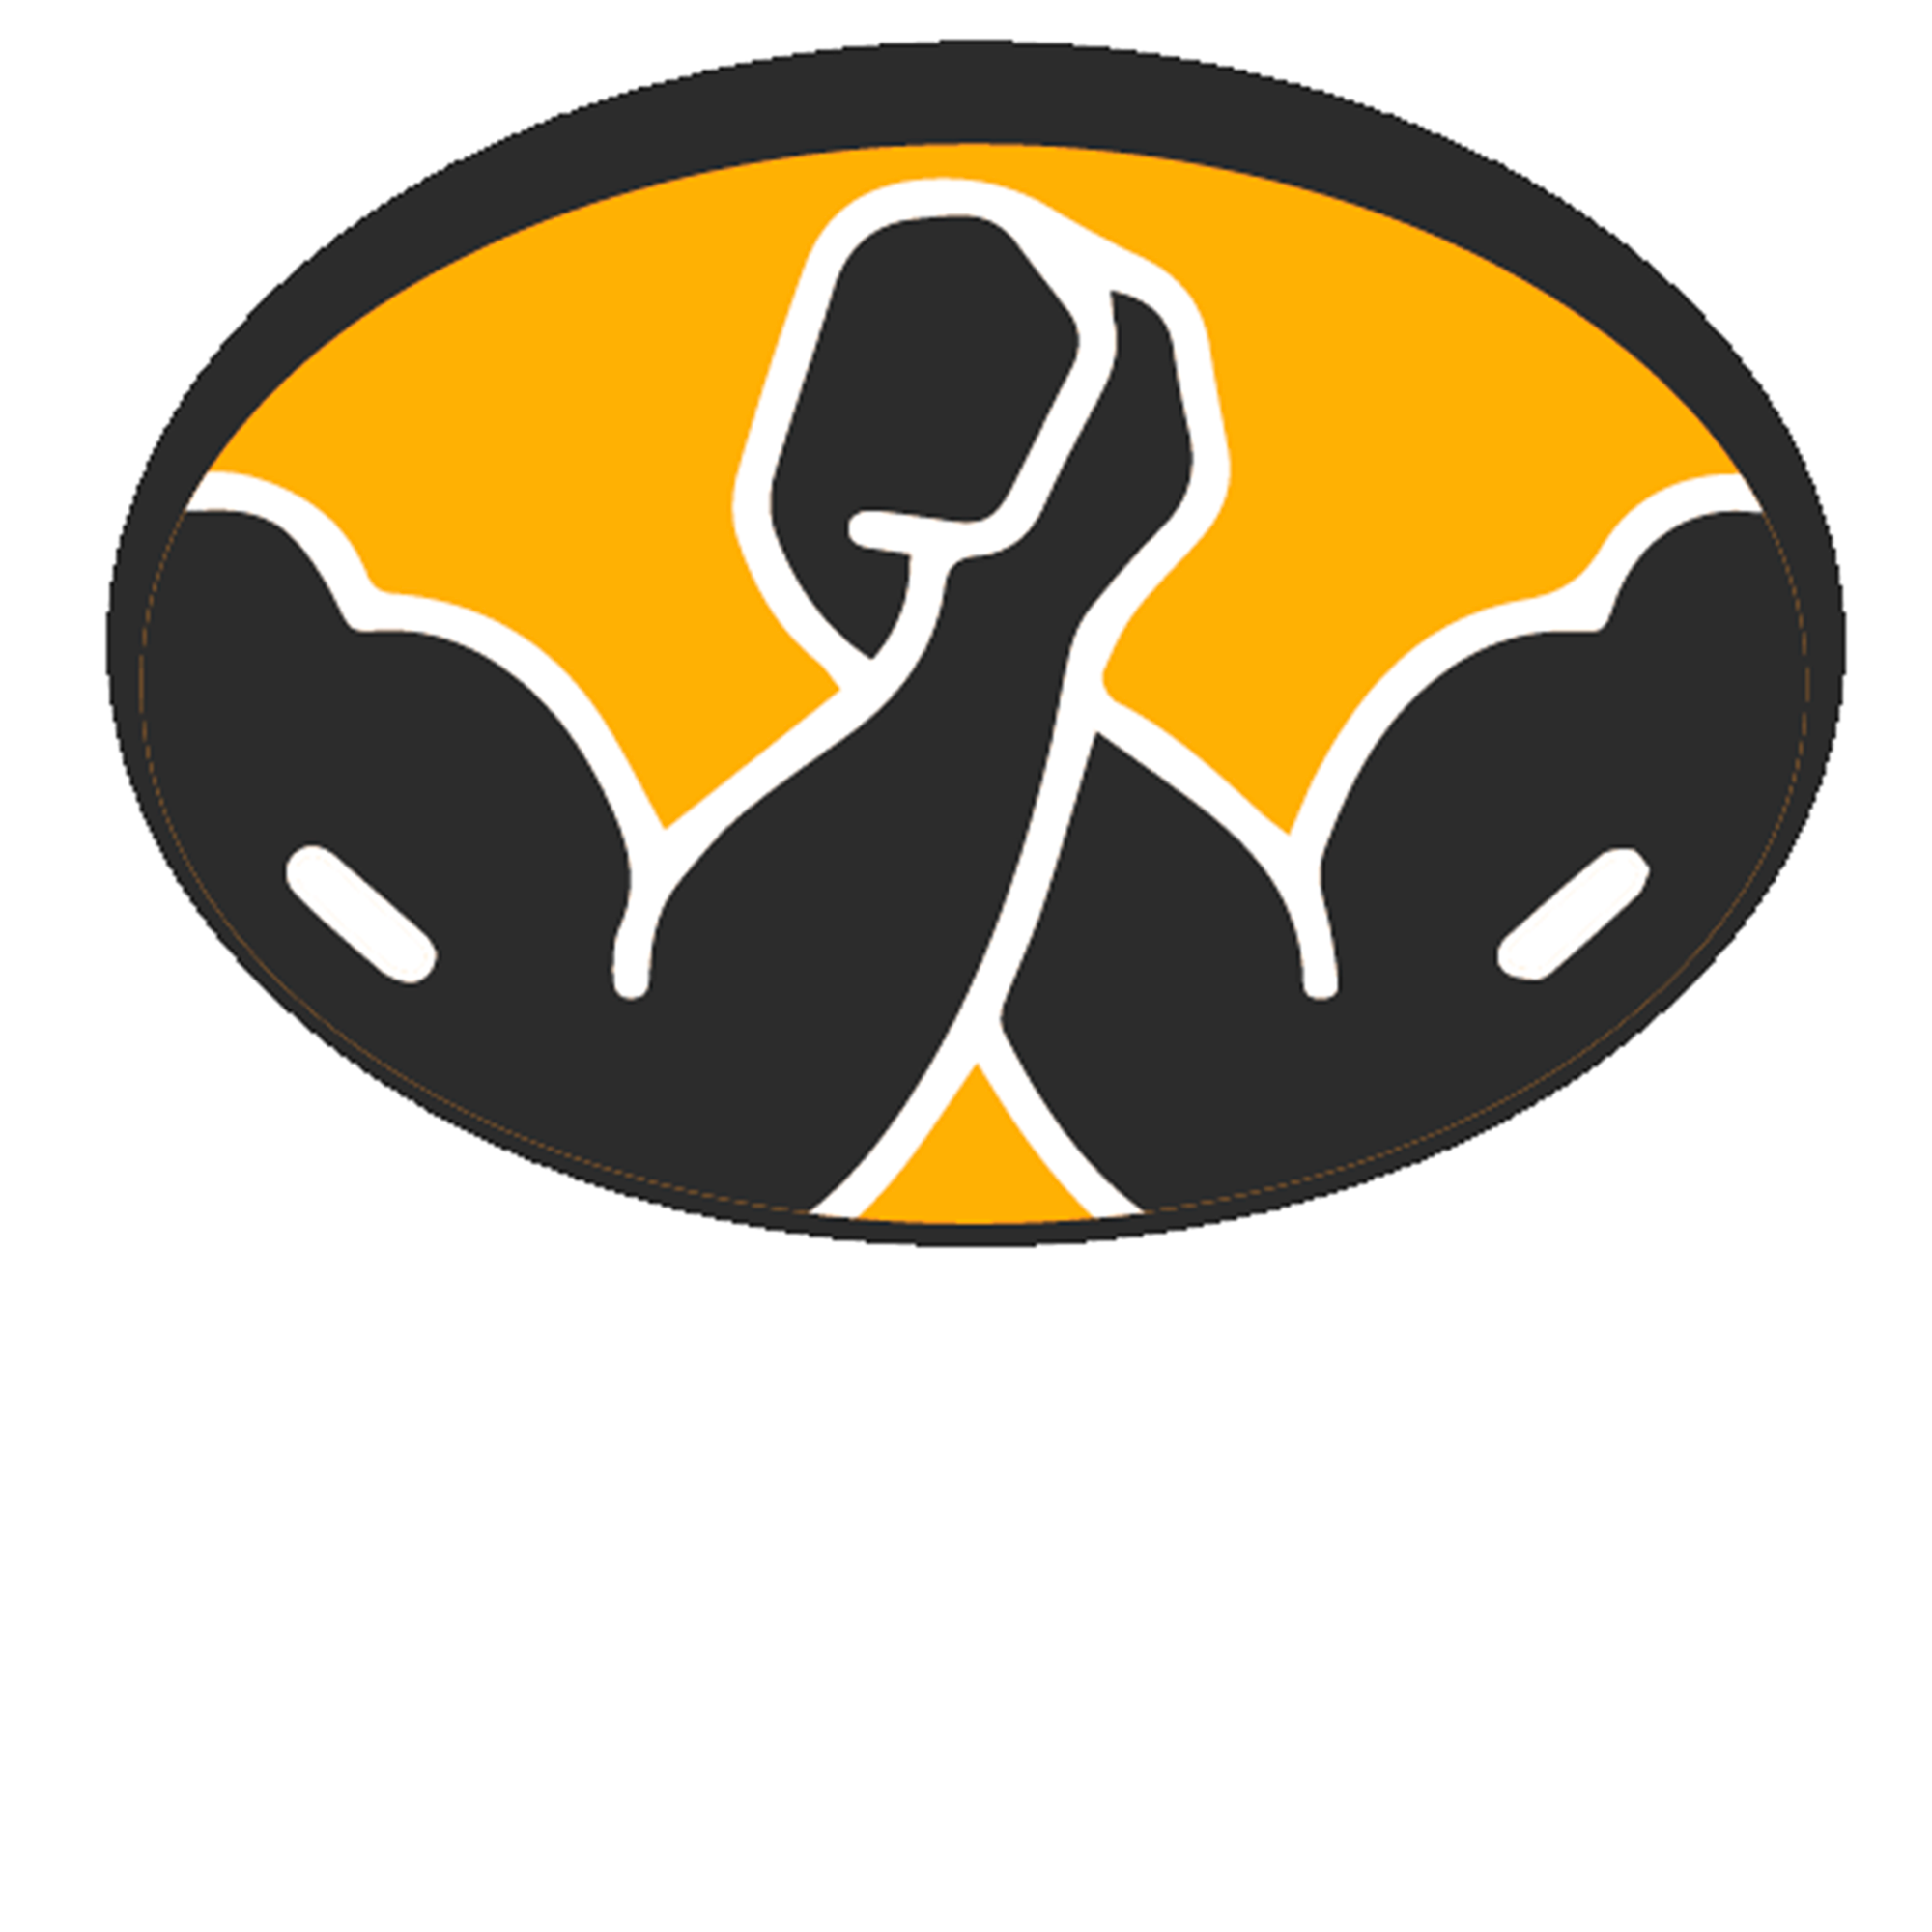 MERCADO SUPLEMENTO